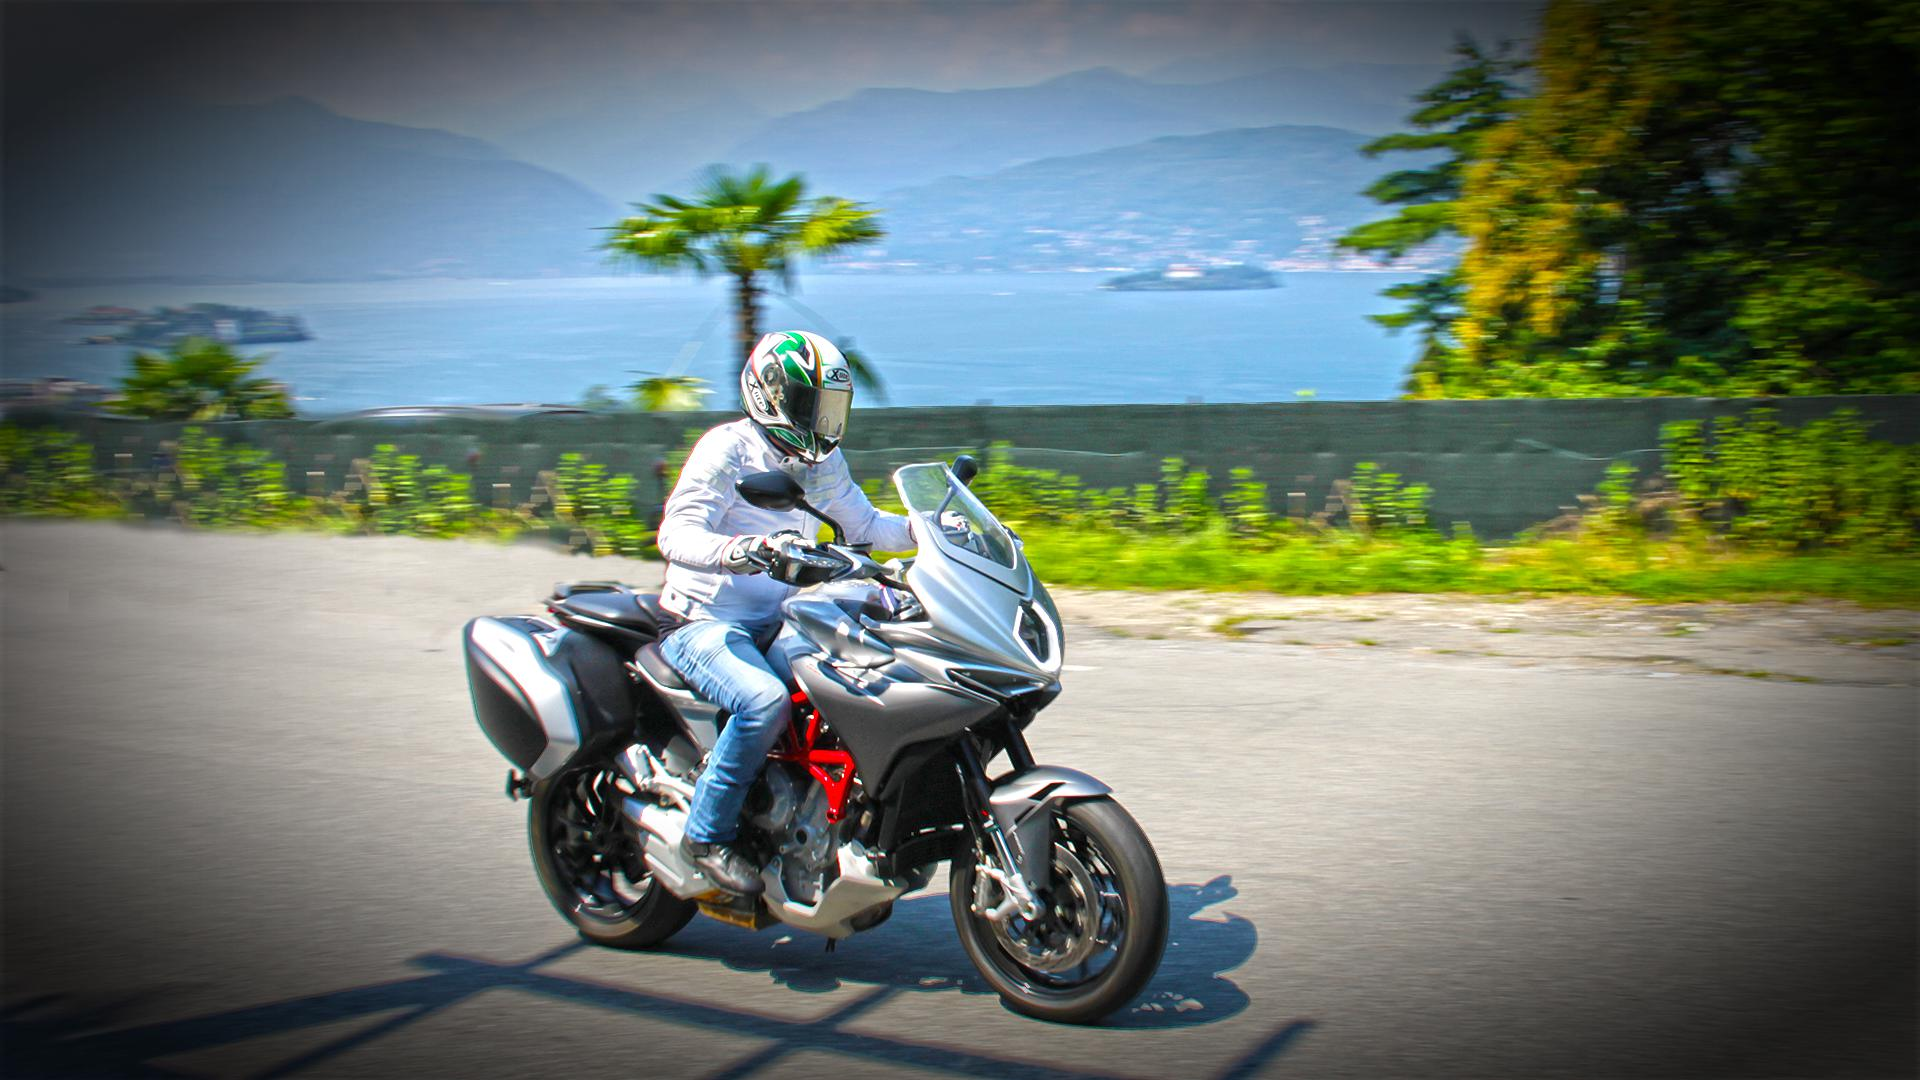 mv-agusta-turismo-veloce-prova-test-48